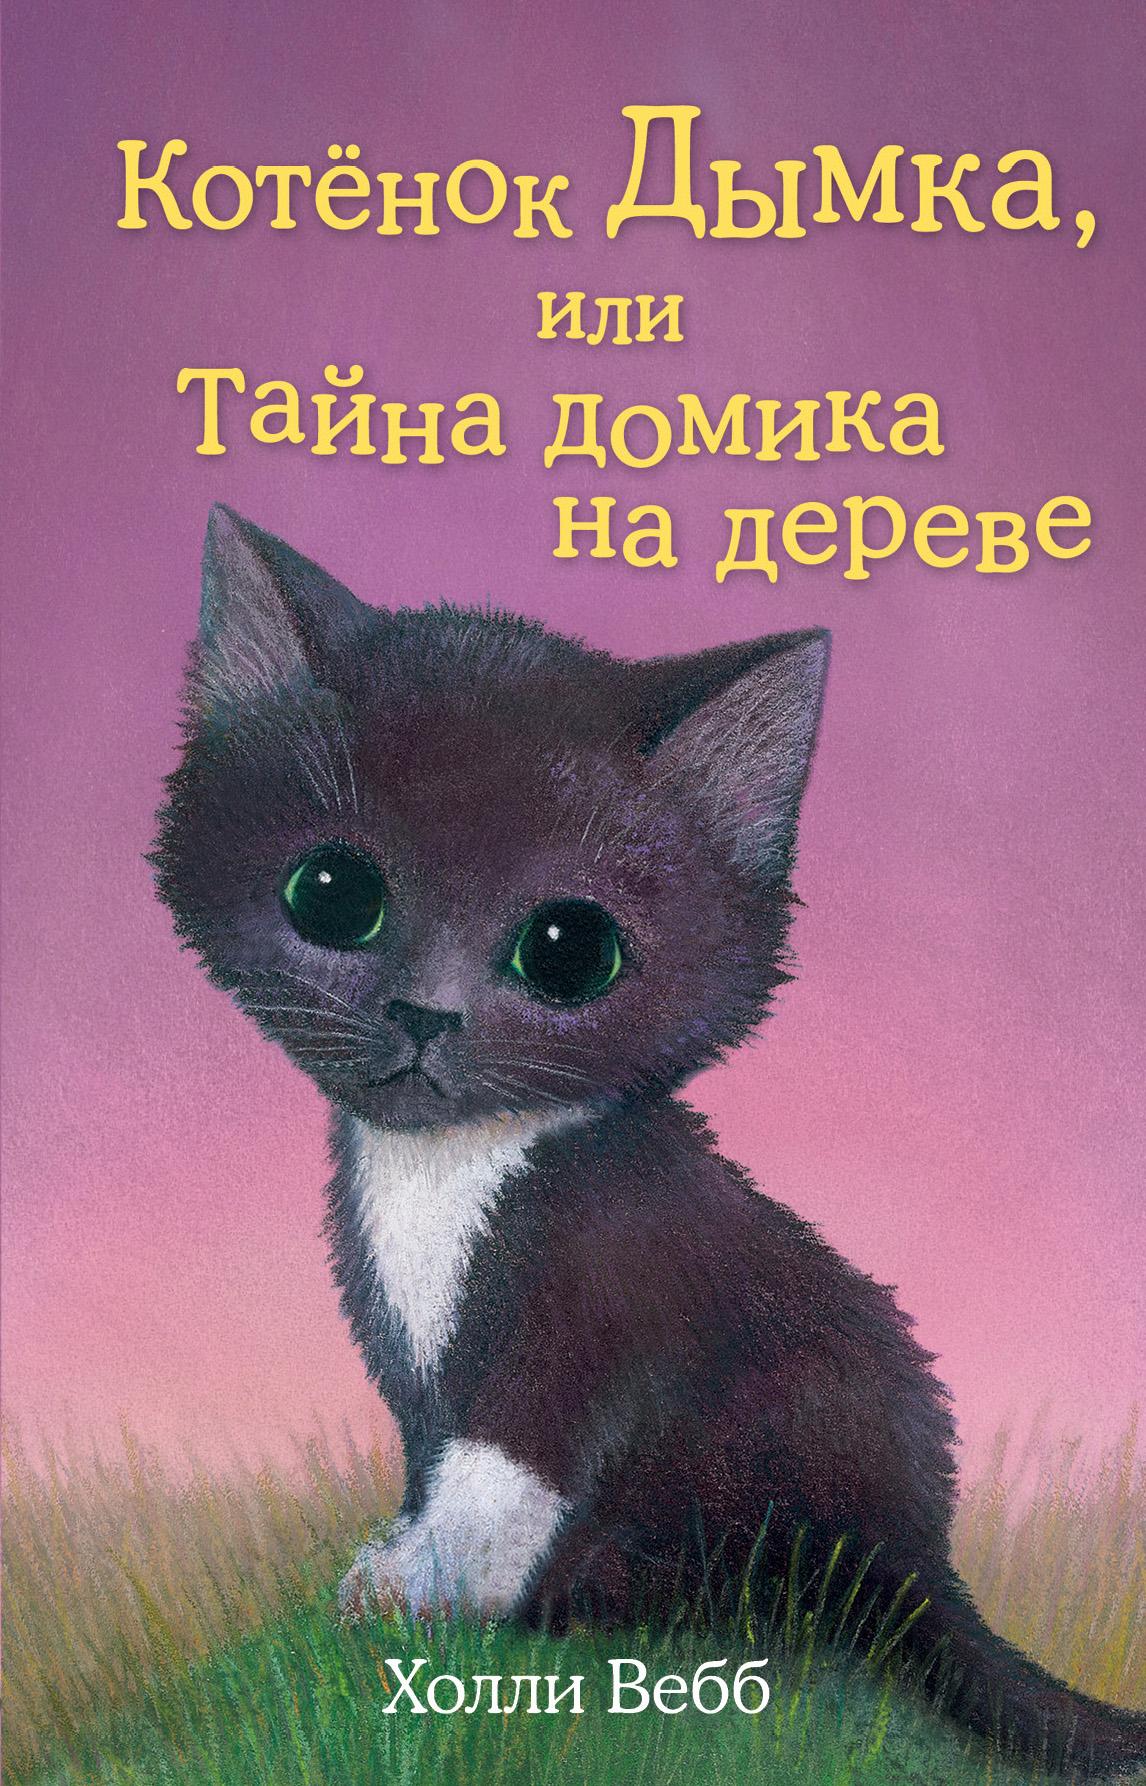 Котенок Дымка, или Тайна домика на дереве